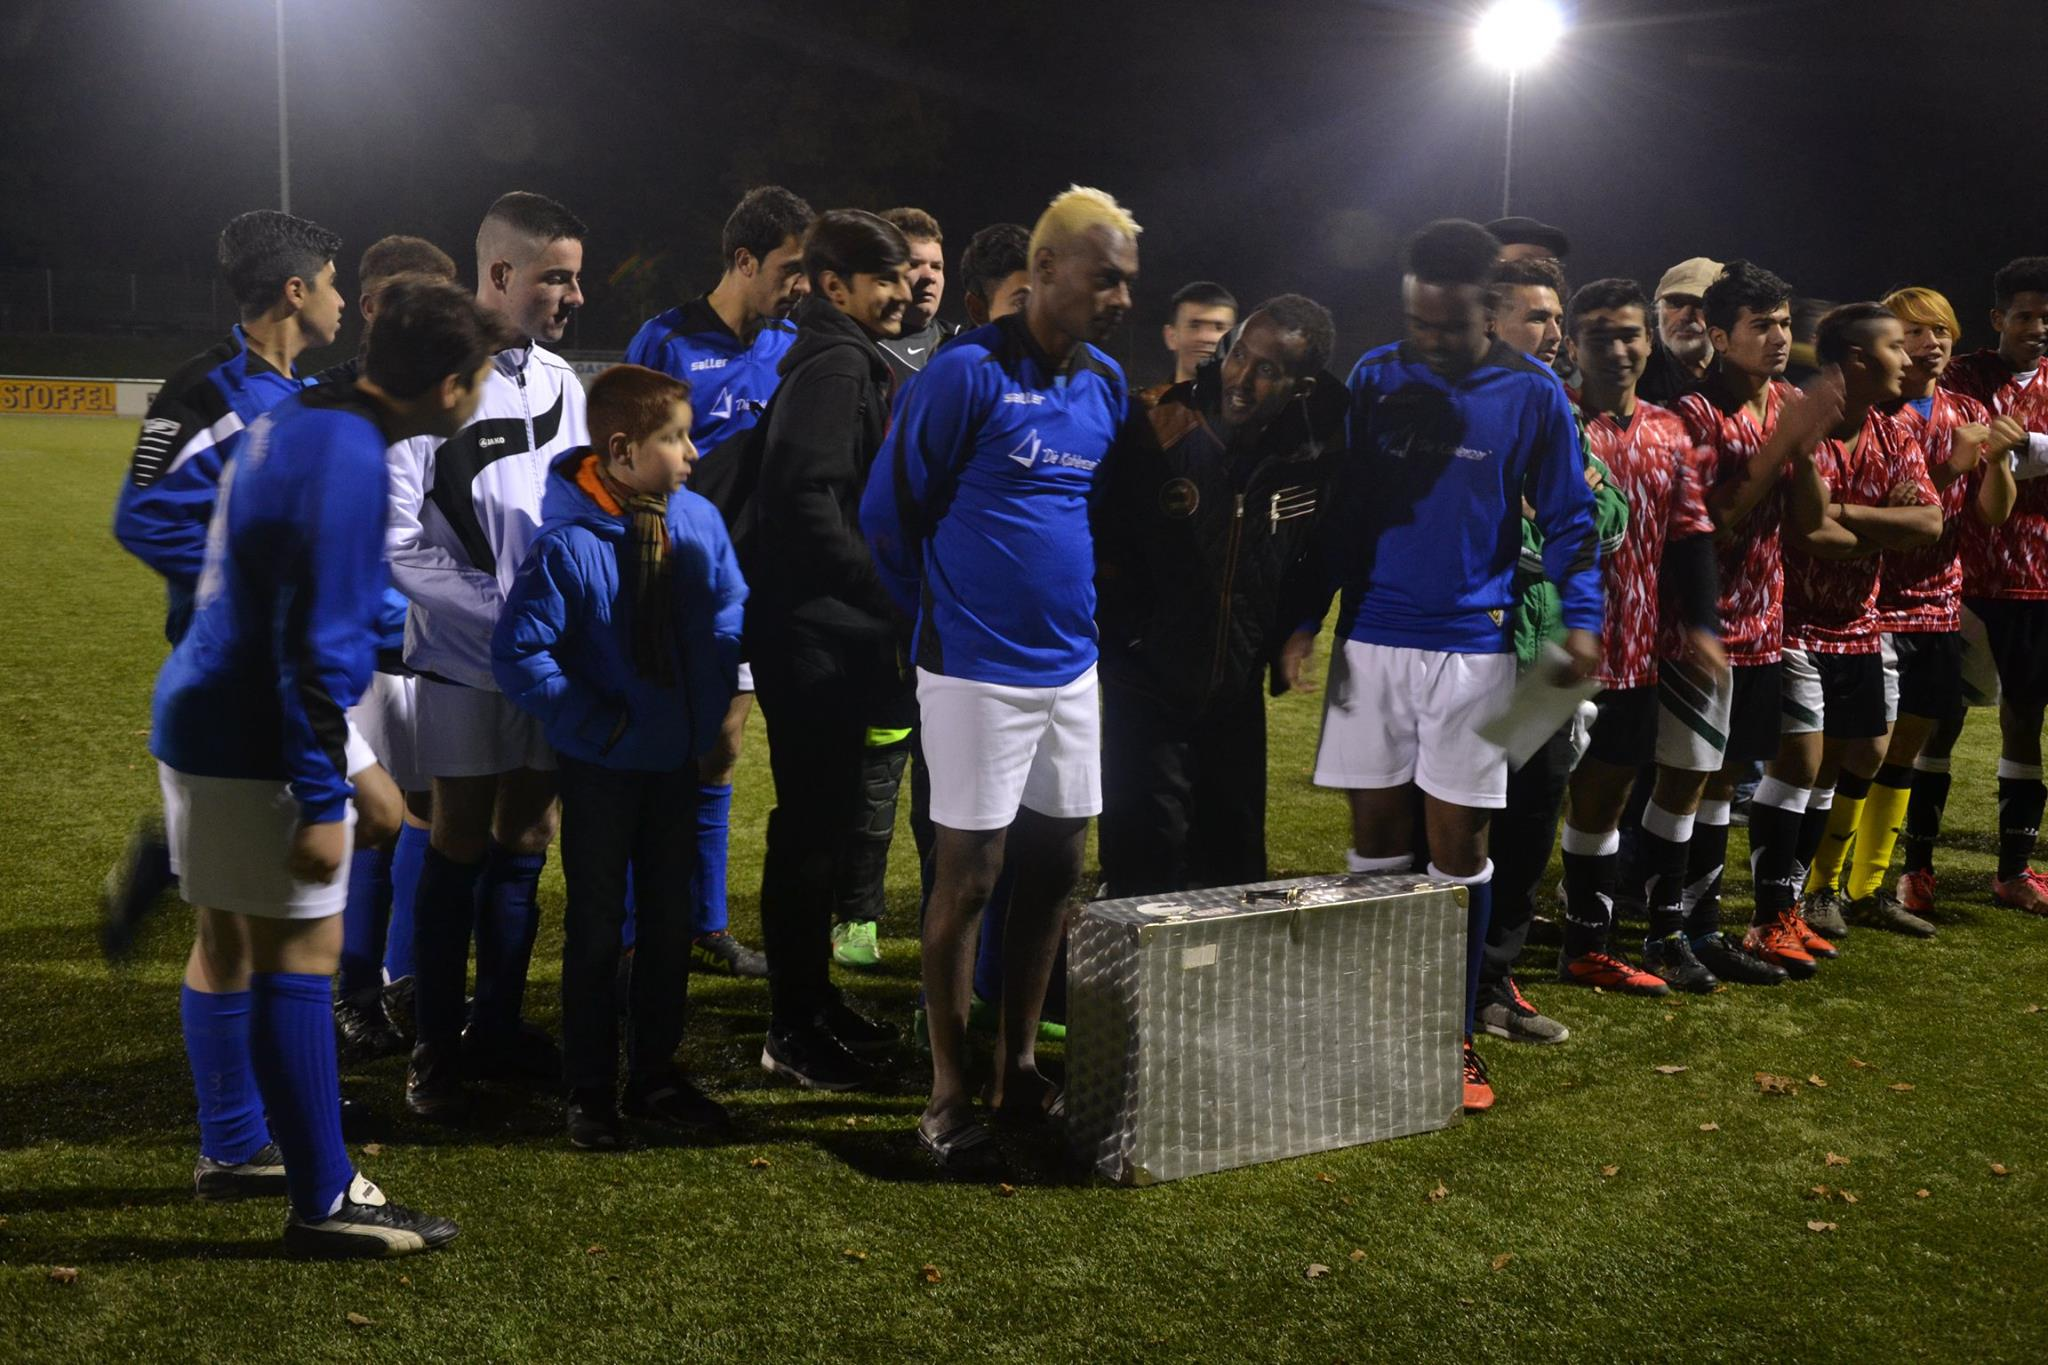 Der Vizemeister FC Tigers Emmelshausen (blau) sowie FUNtastic Kastellaun als 3.Sieger